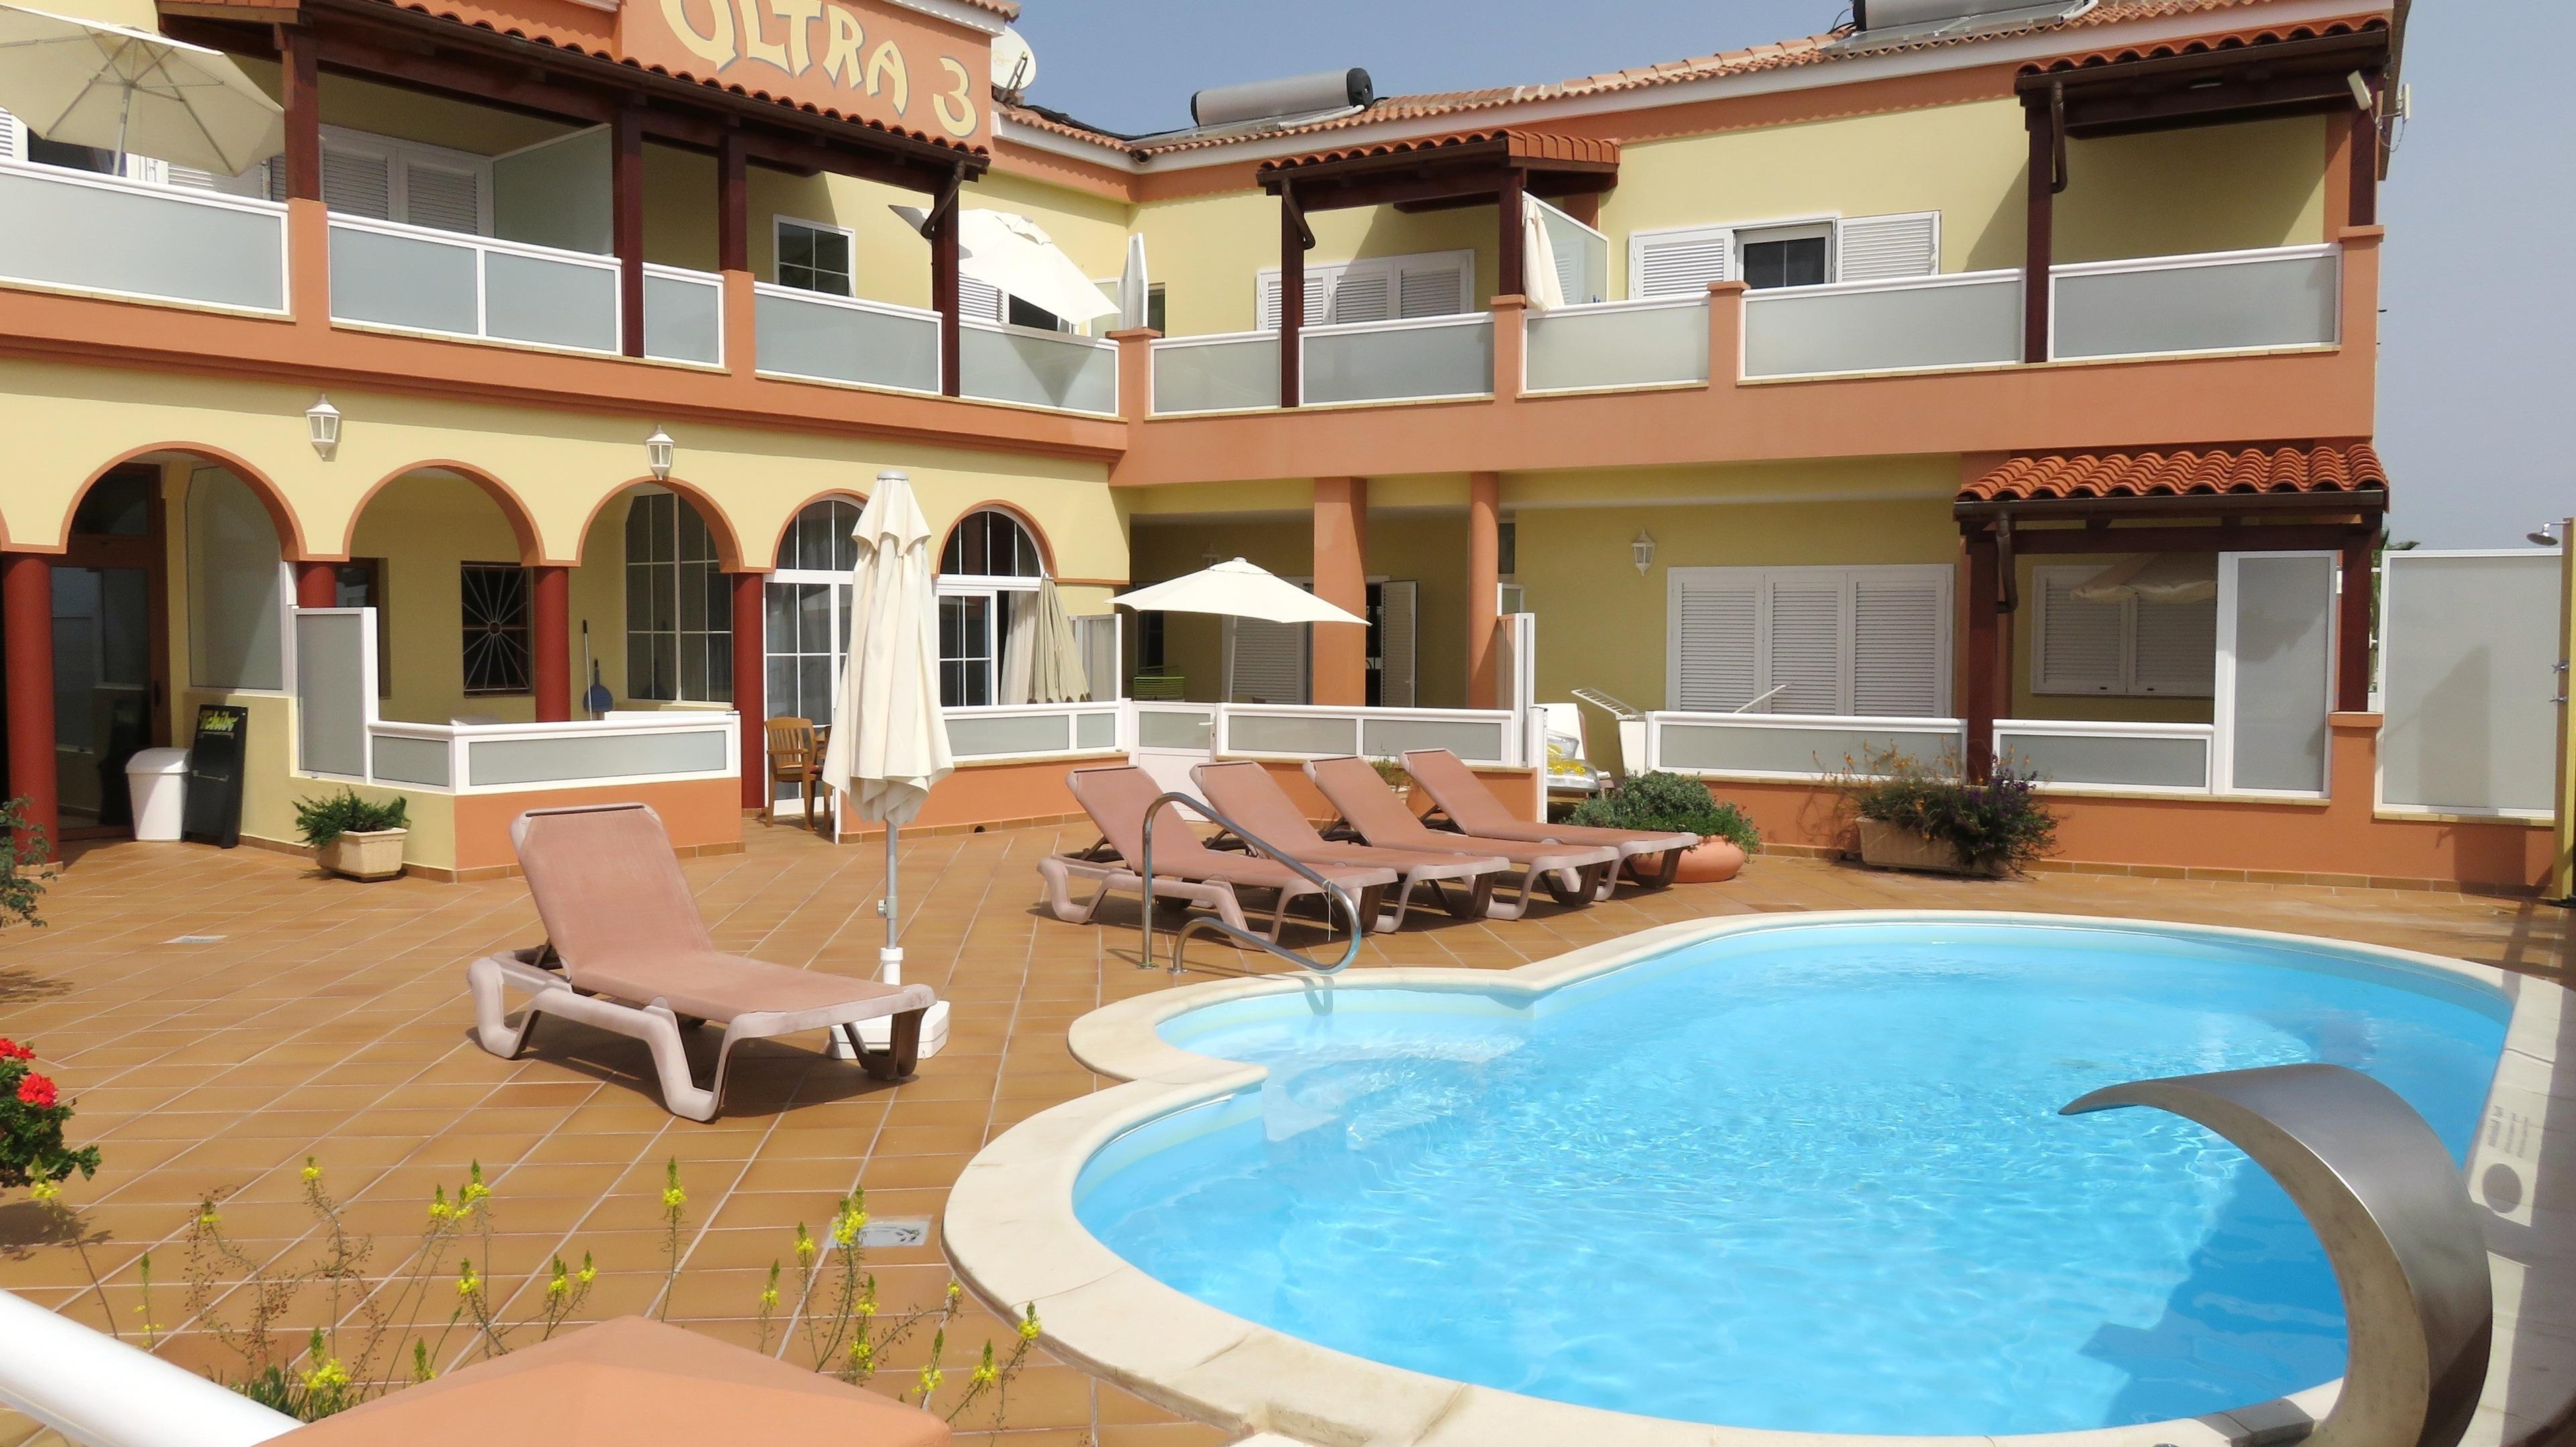 Ferienwohnung Ultra Tres 29 (2626375), Costa Calma, Fuerteventura, Kanarische Inseln, Spanien, Bild 10